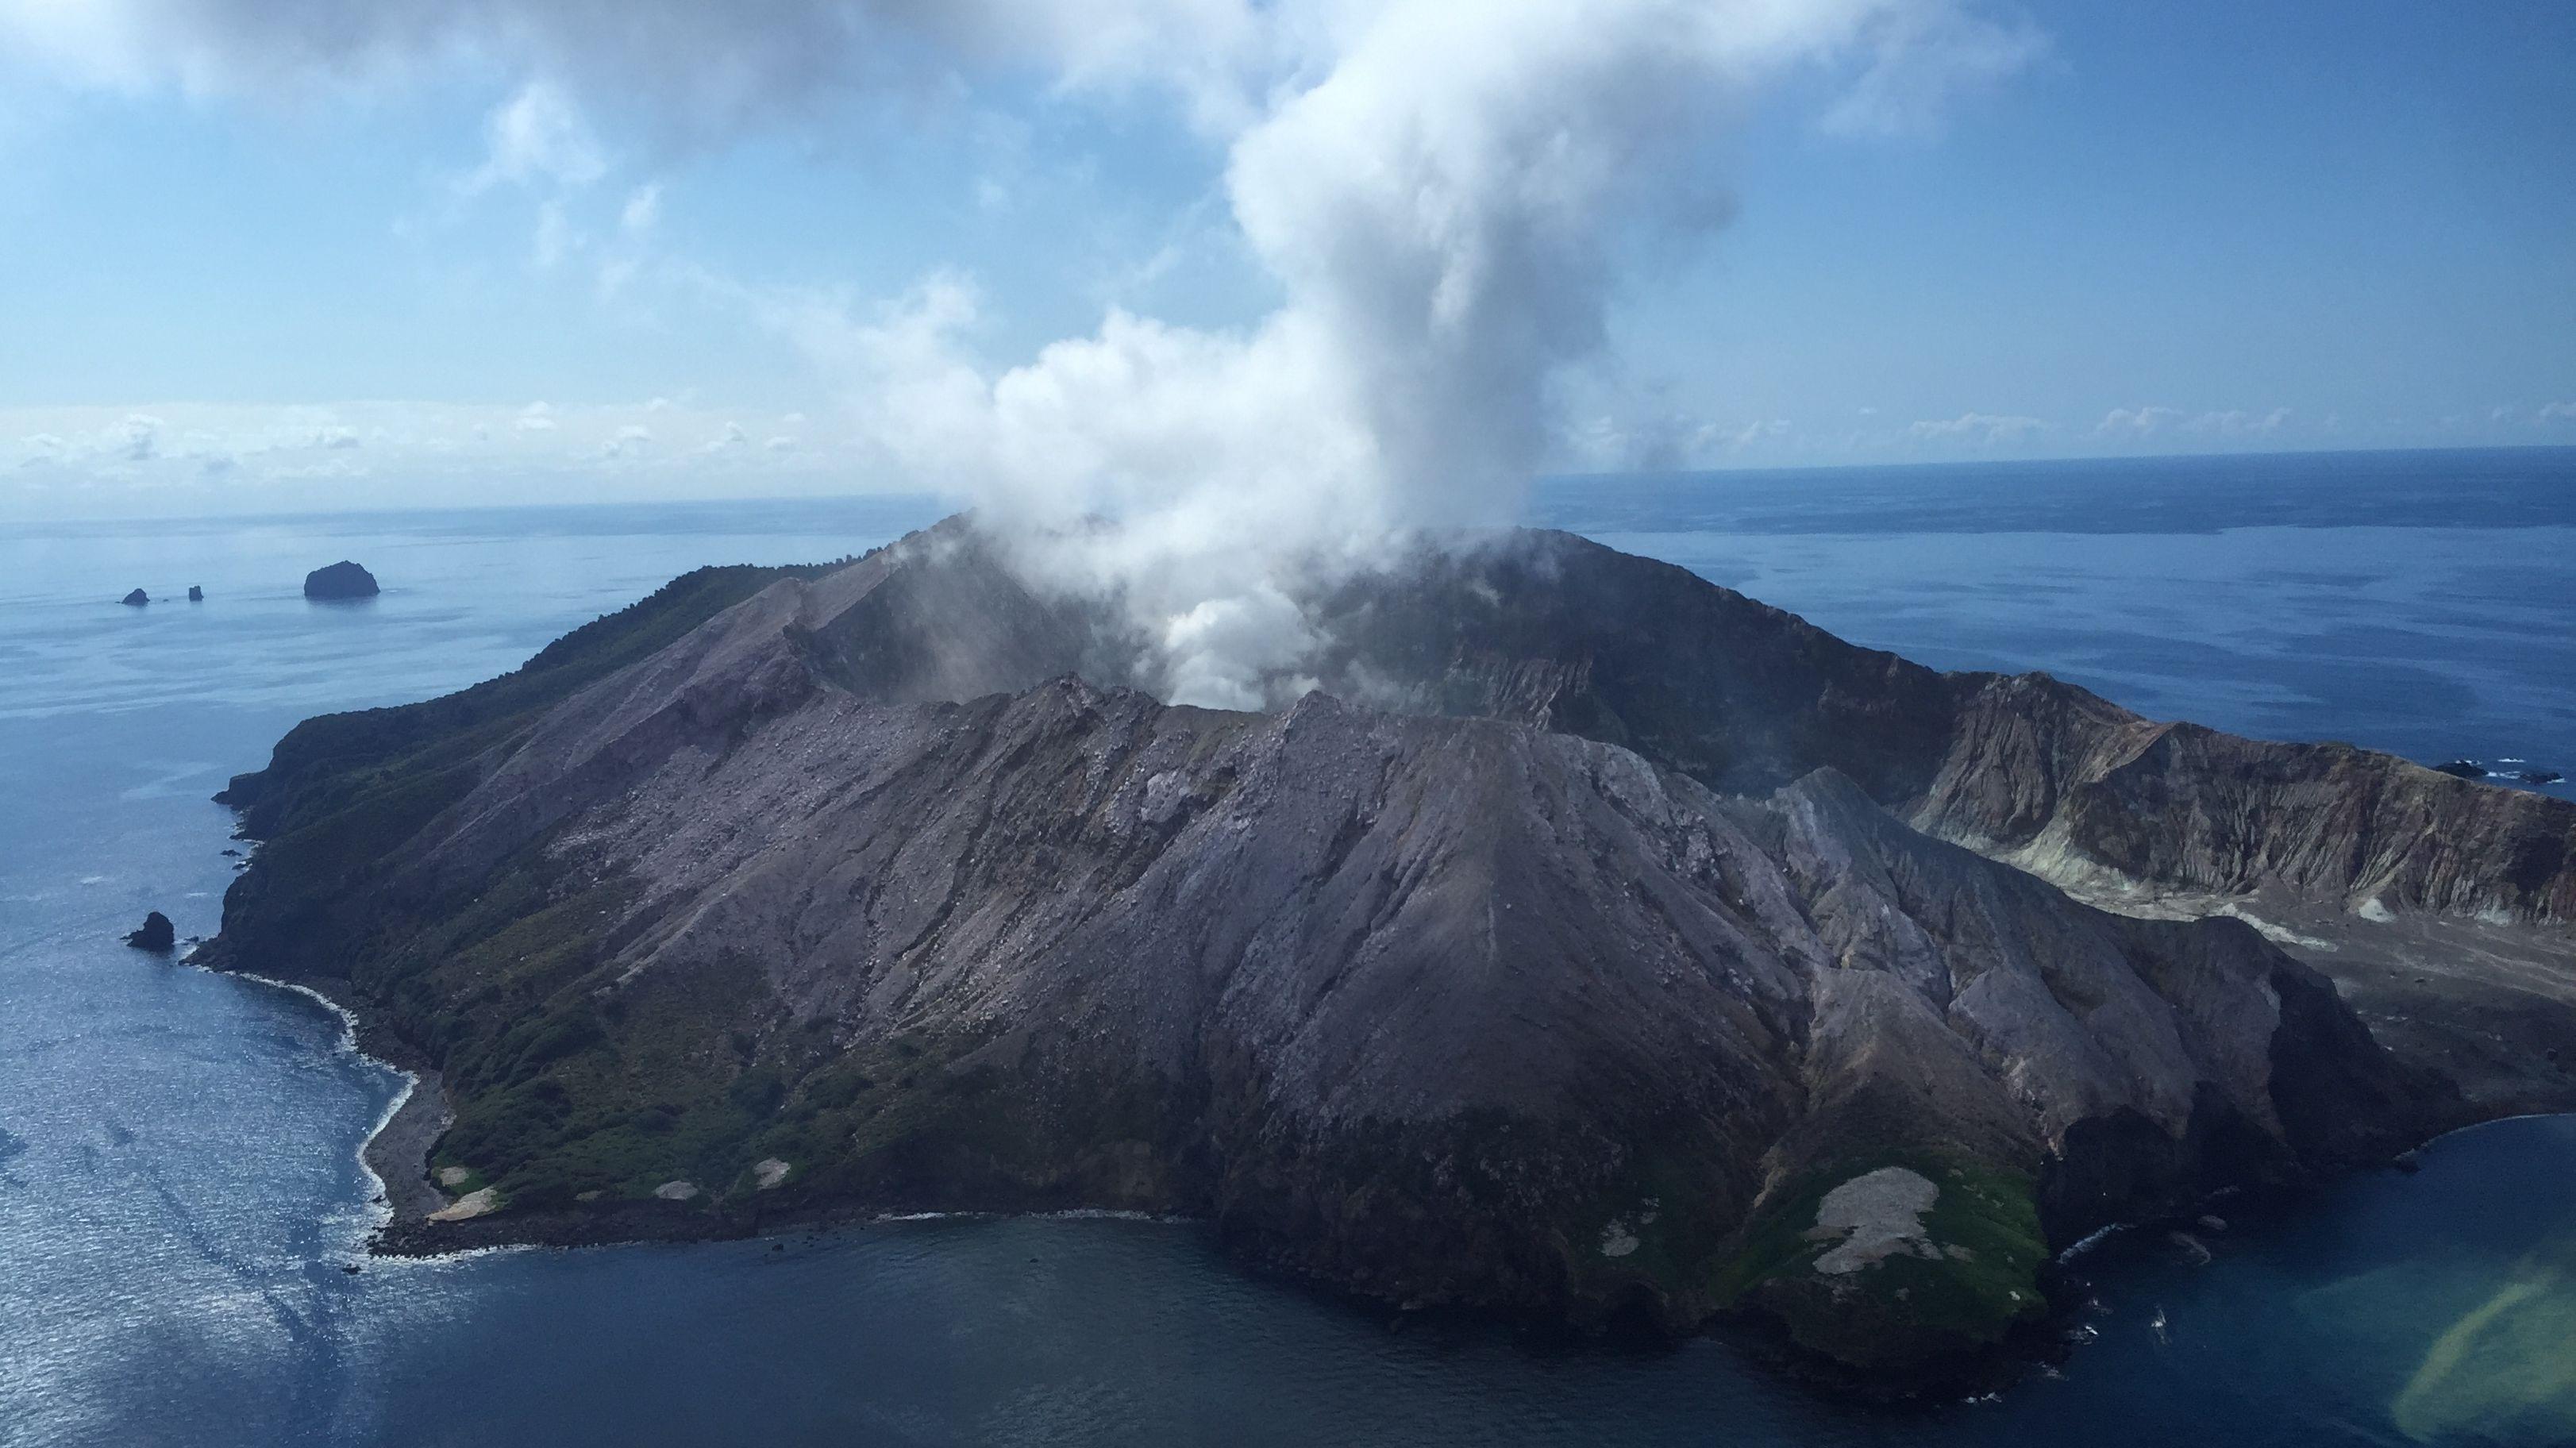 Der Vulkanausbruch auf der Neuseeländischen Insel White Island überraschte die Besucher der Insel.